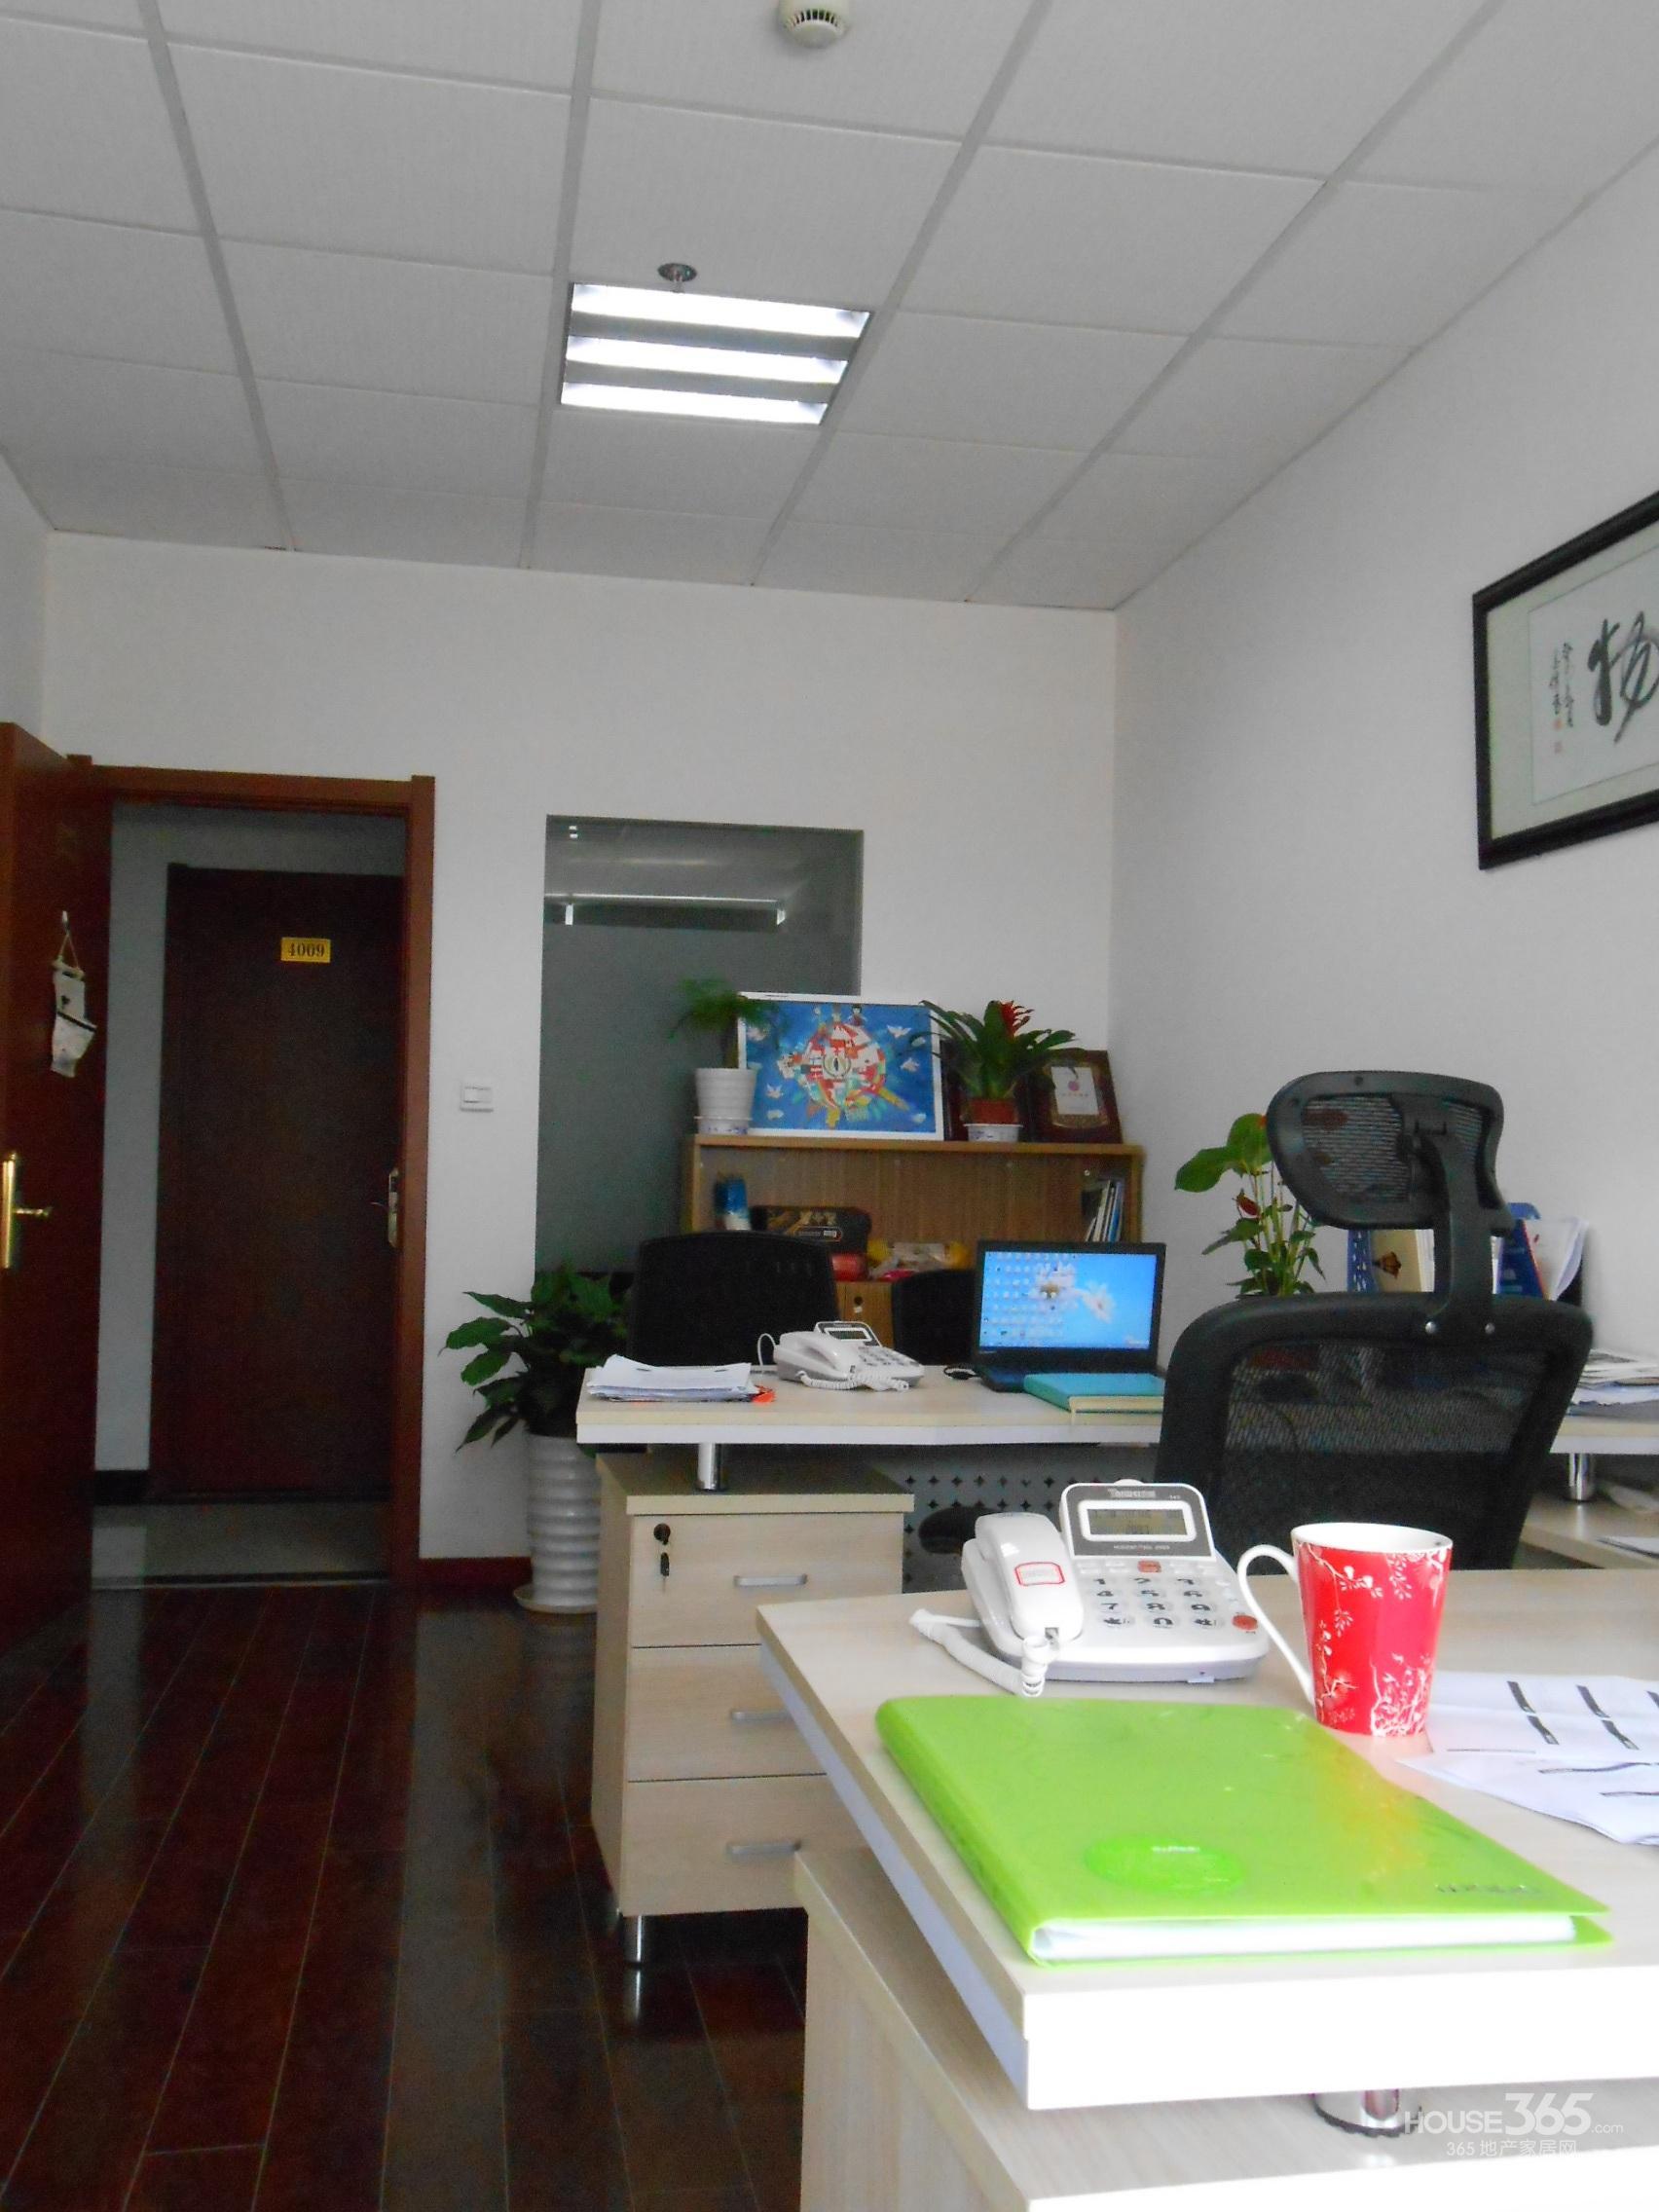 杭州房屋出租信息 滨江区租房 西兴租房 (出租)杭州电商办公室和电商